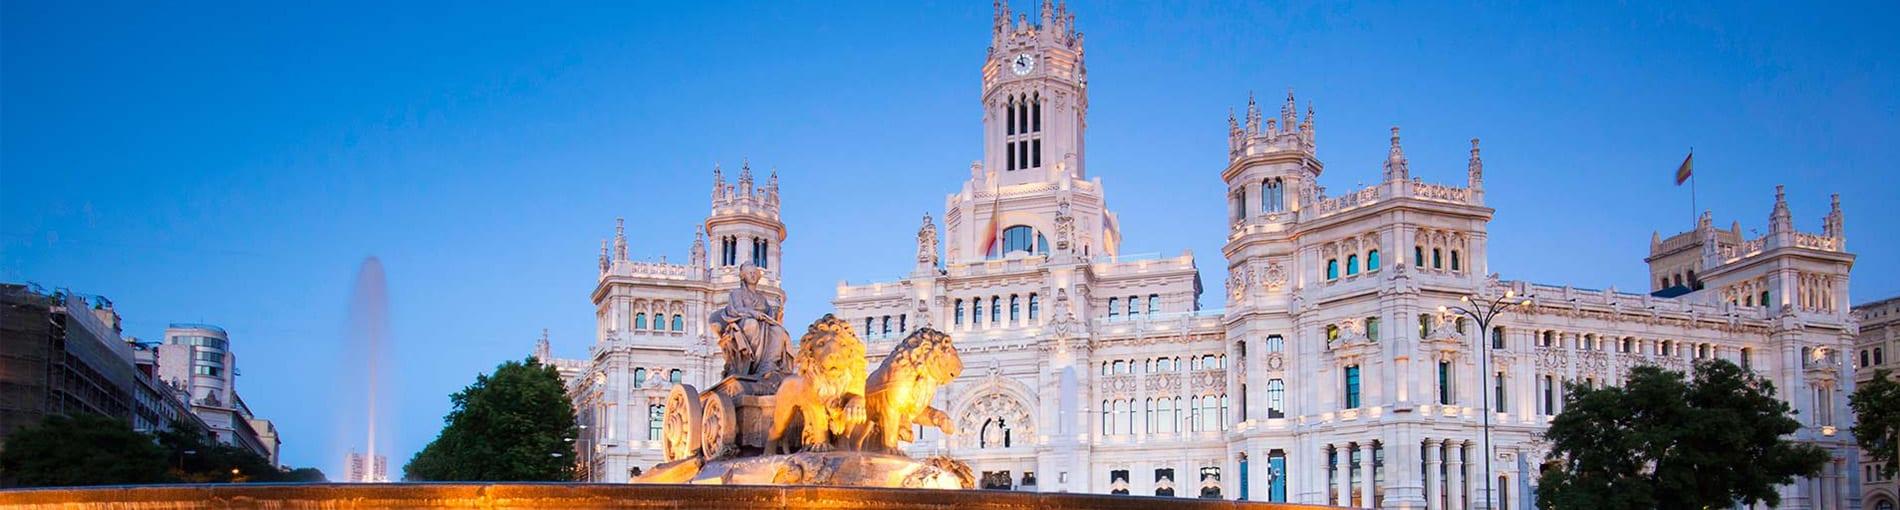 TOP: Películas localizadas en Madrid